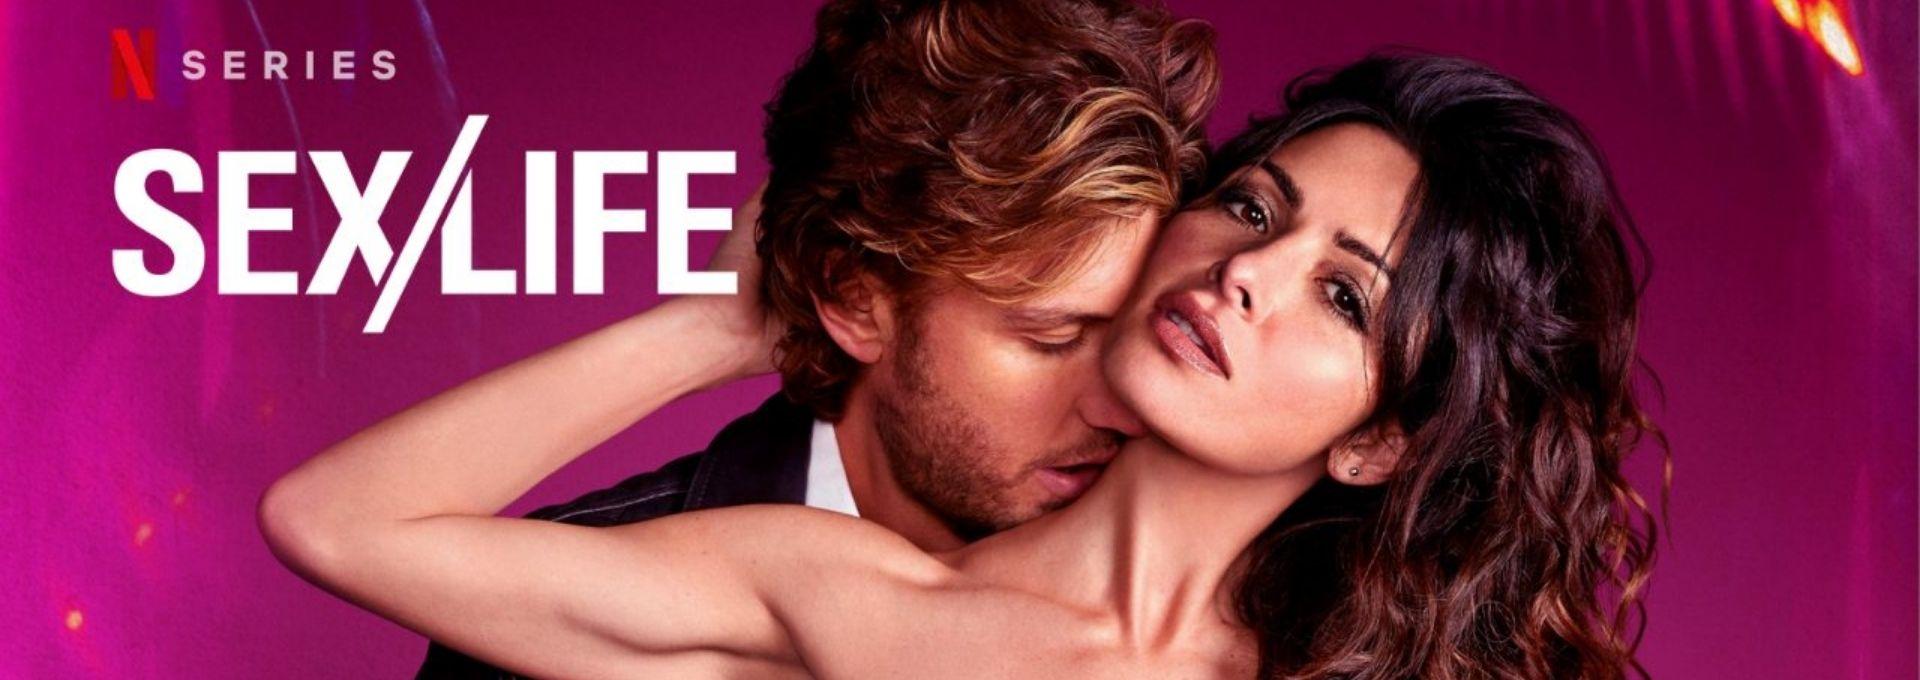 【Netflix】《Sex/Life 性與生活》第一季原聲帶 OST